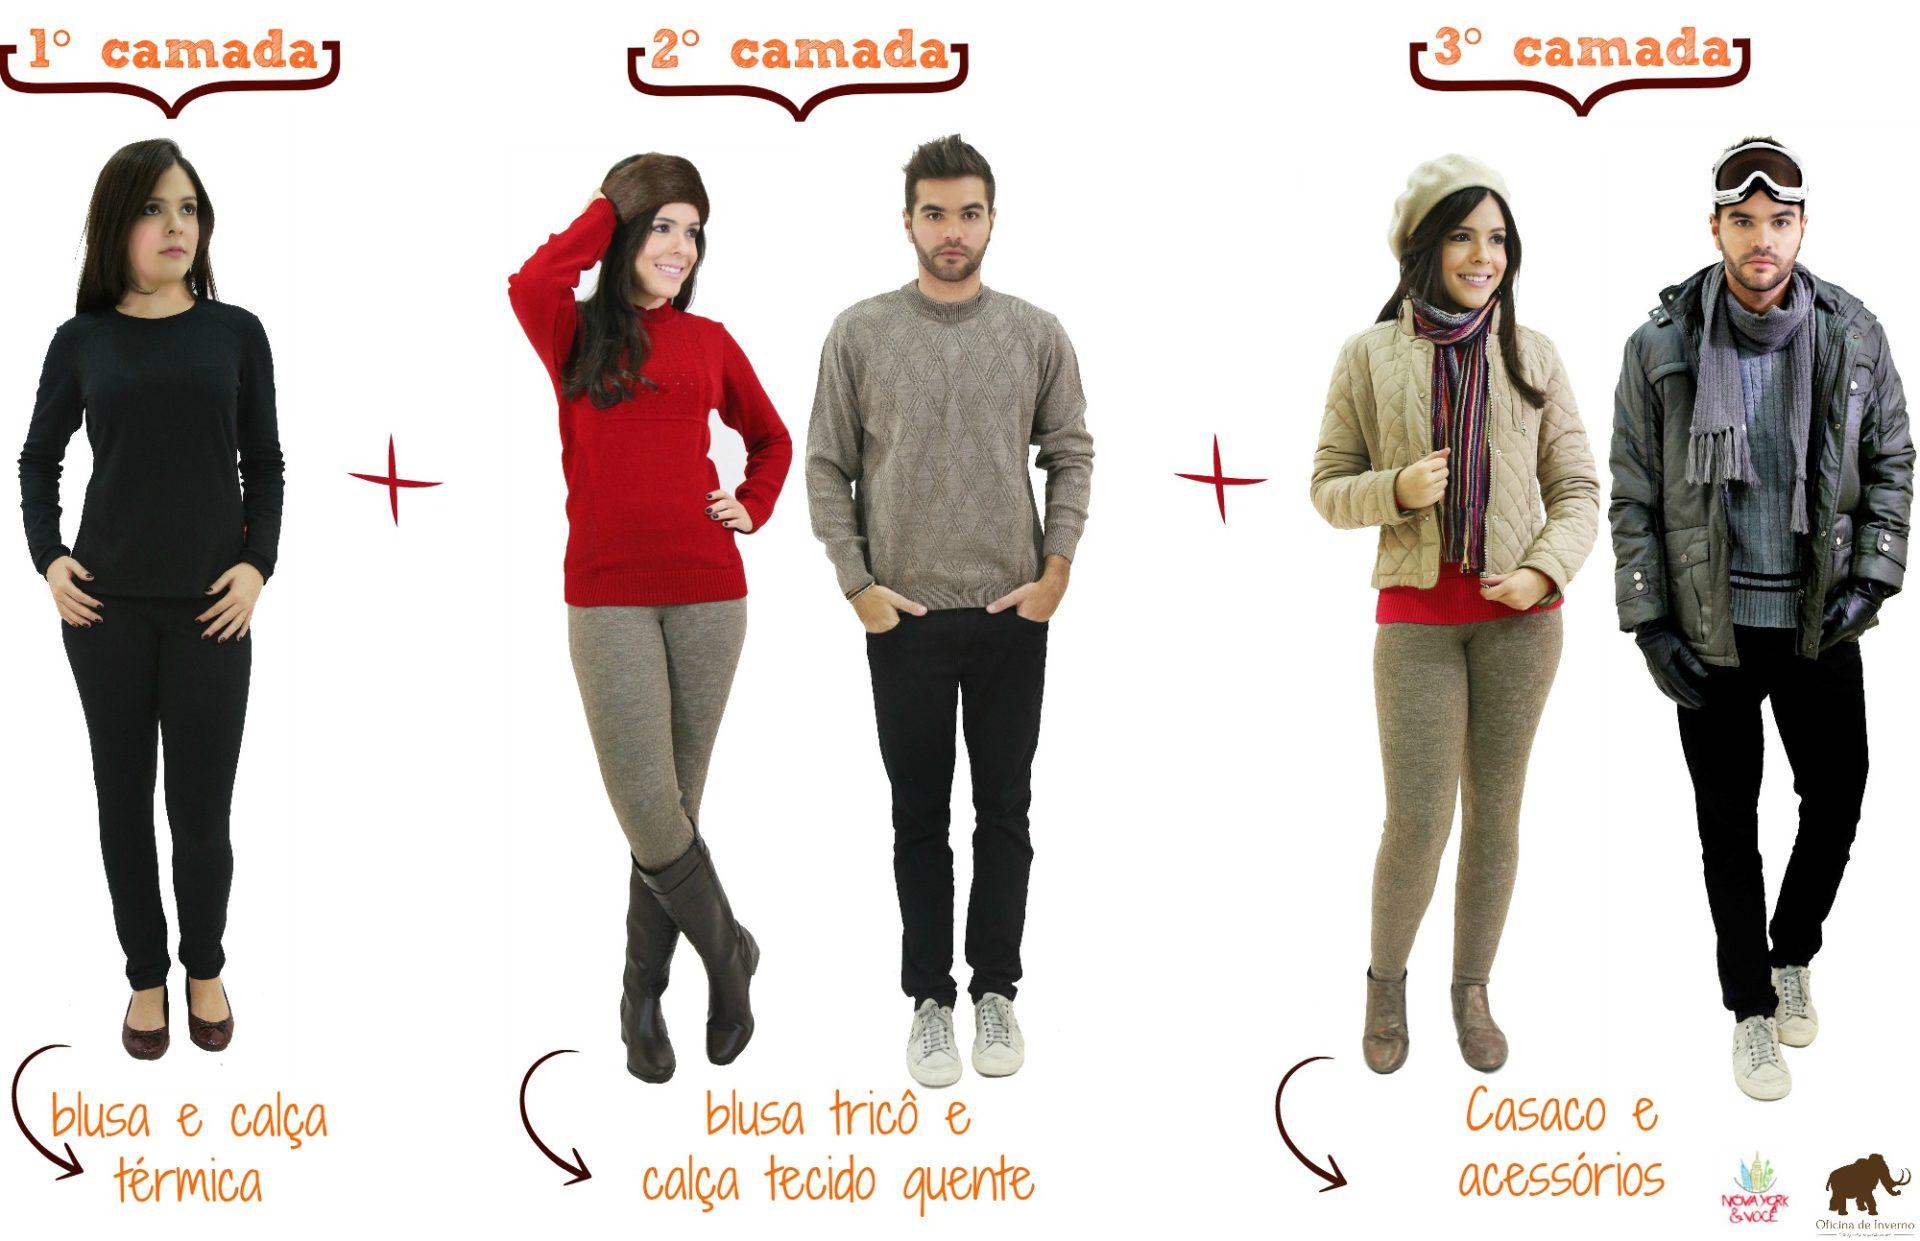 97bf5ef245146 ... como se vestir no inverno em nova york  ny   voce  oficina de inverno o  que usar ...